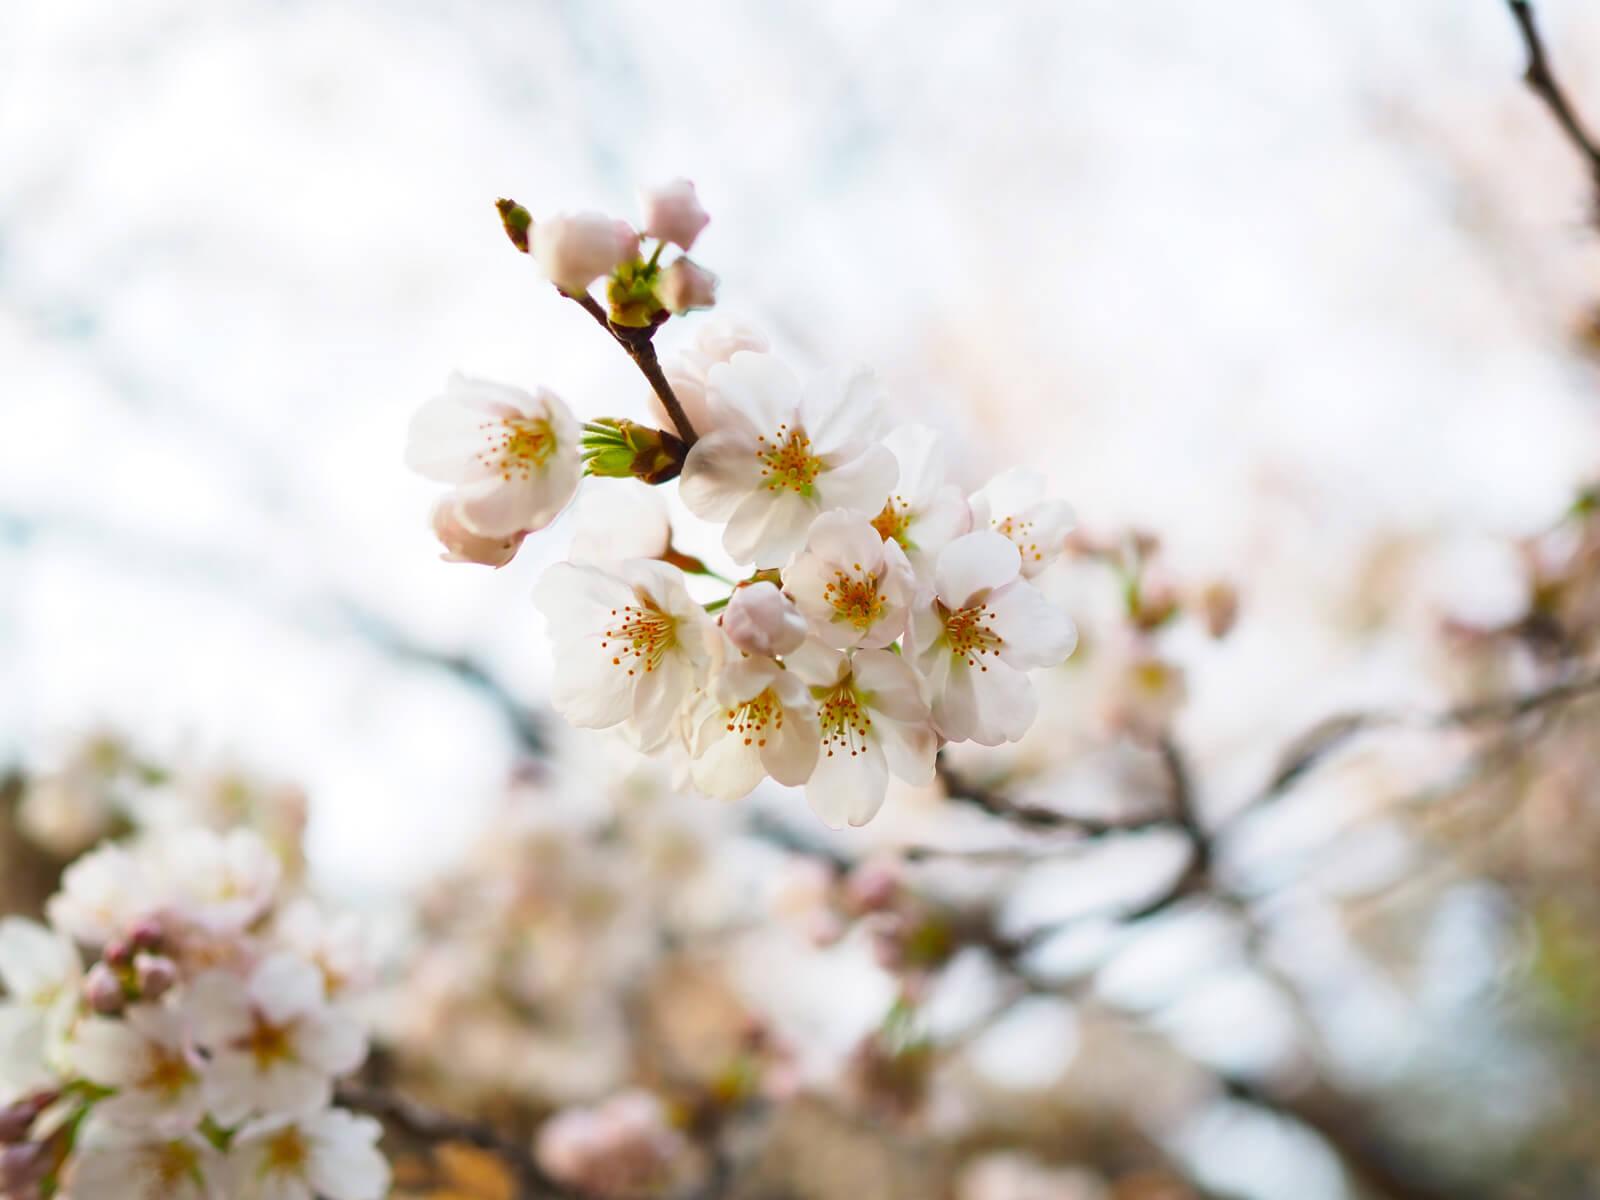 まだ蕾な桜とキレイに花開いた桜